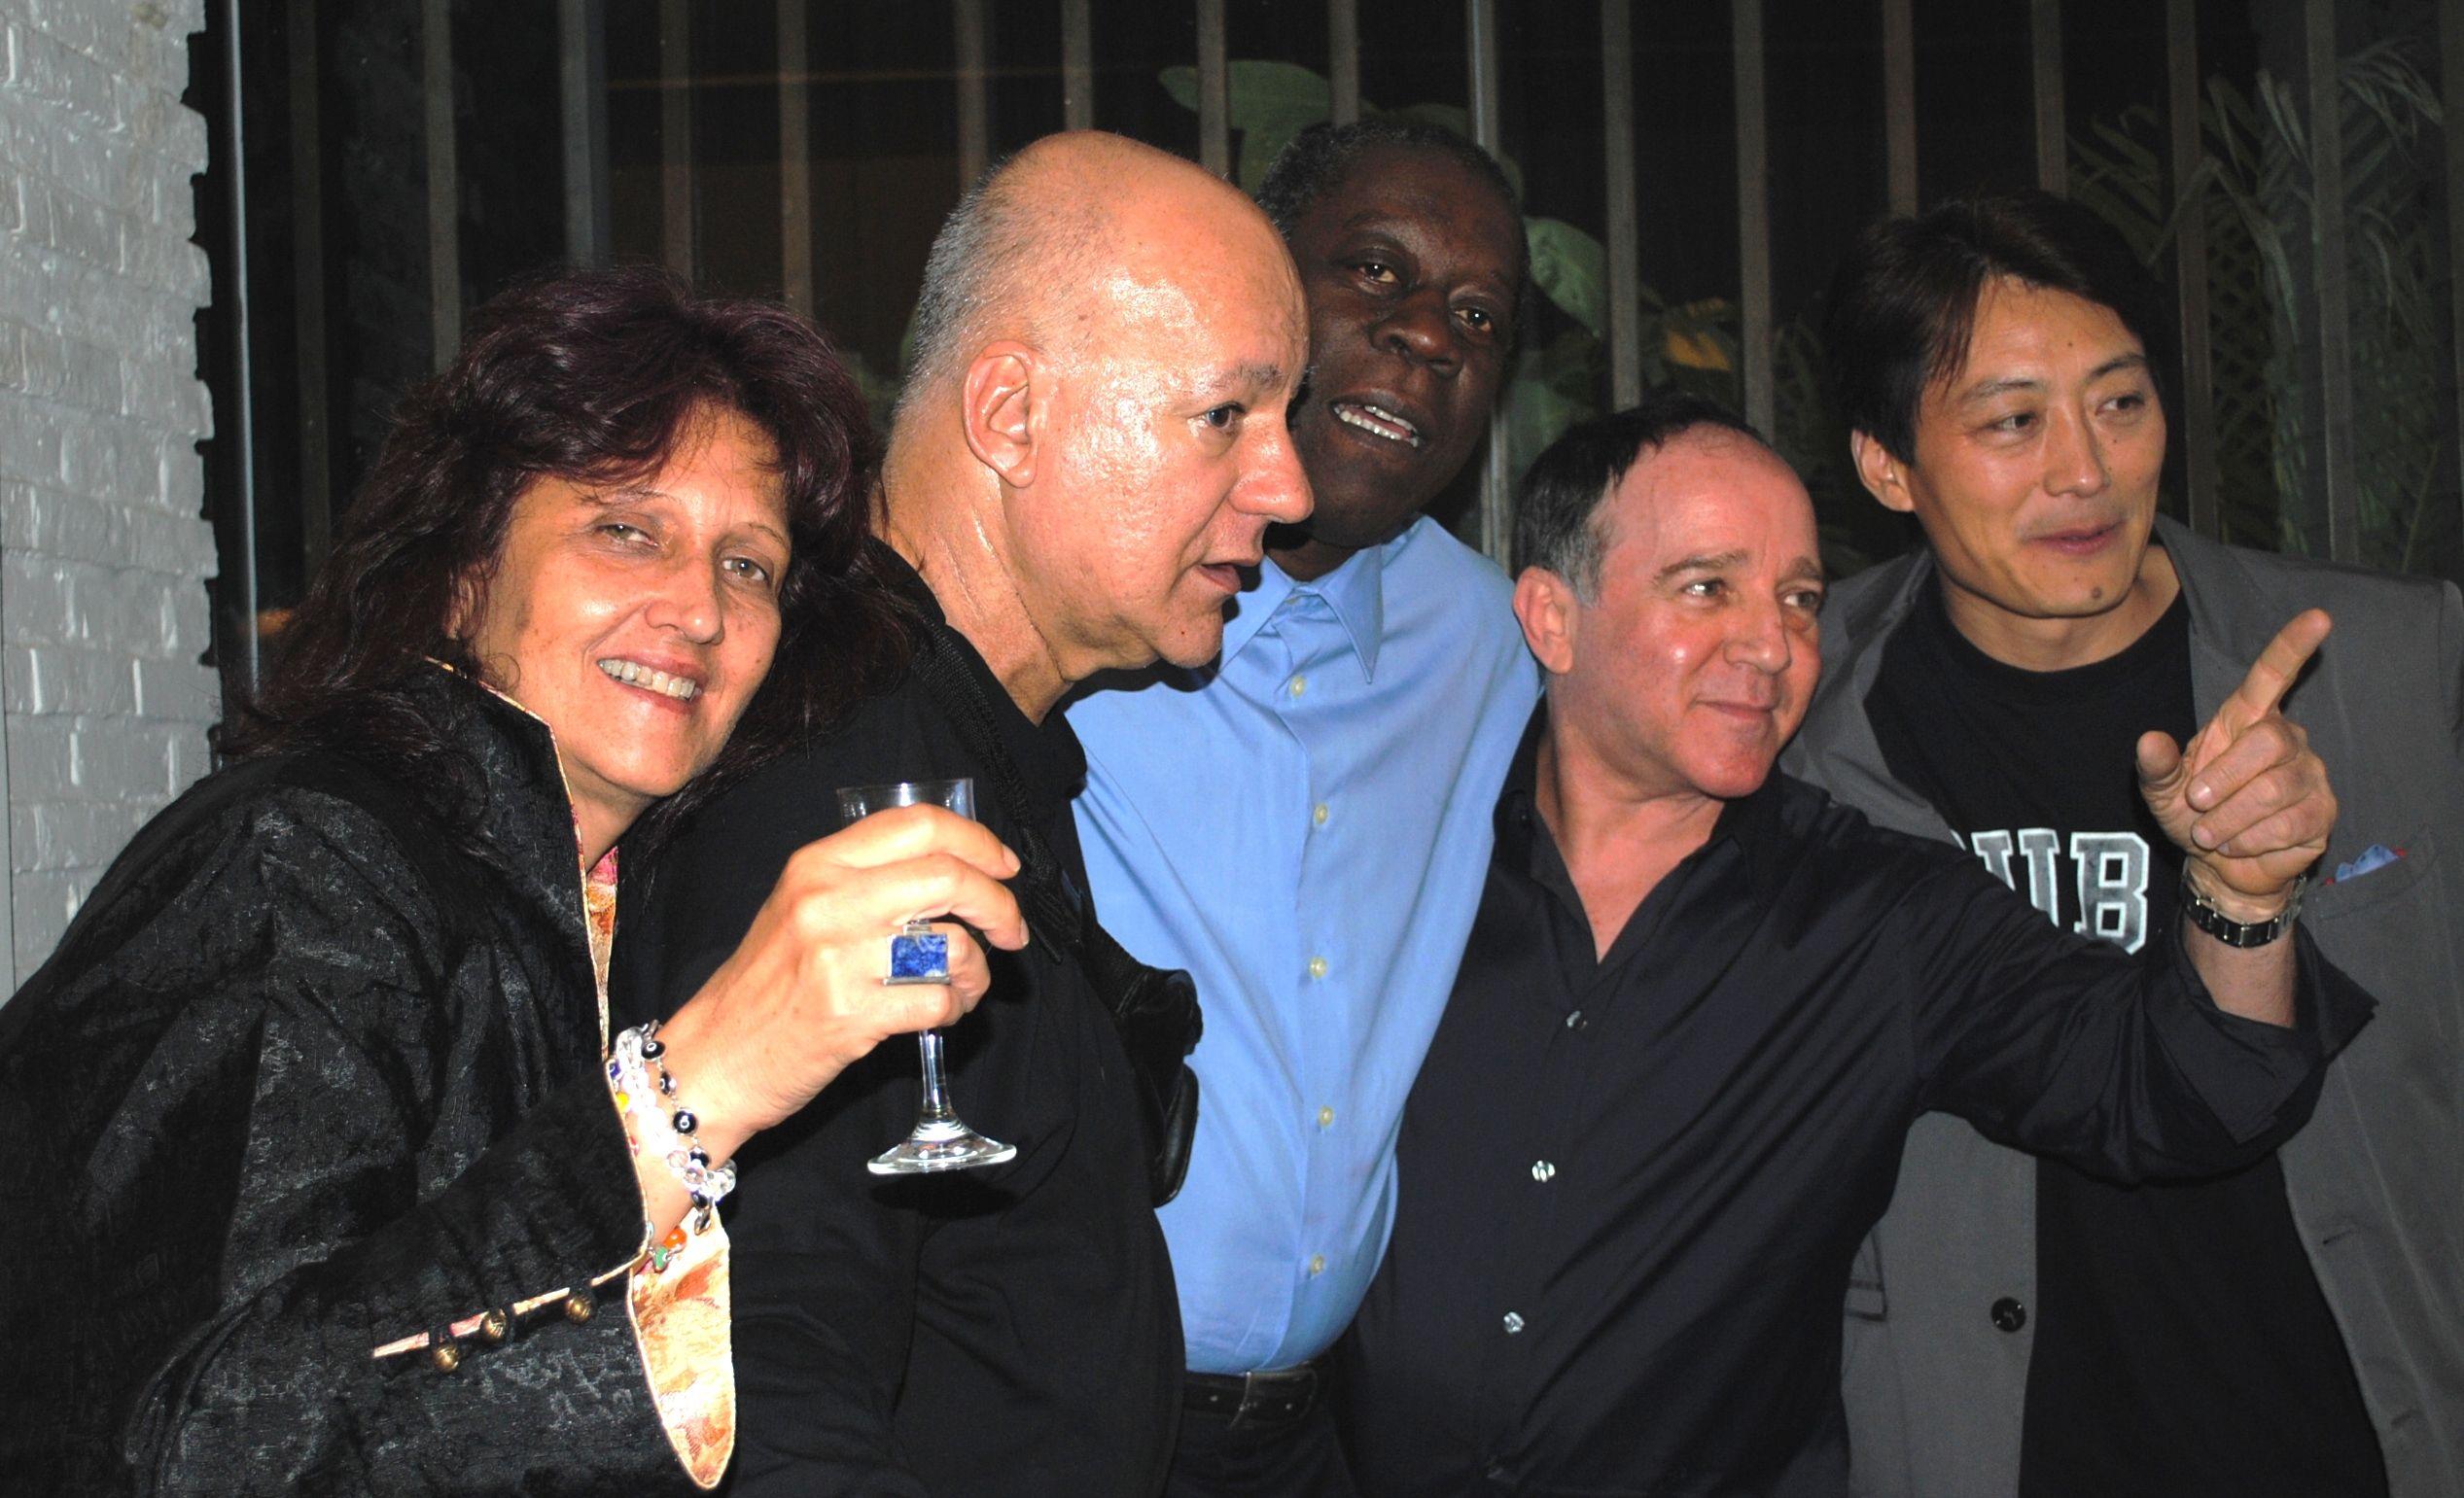 """En 2010, tras el éxito total de su muestra de arte contemporáneo  chino en el Museo Nacional de Bellas Artes de La Habana, el galerista Cheng Xindong invirtió los términos. Trajo a Pekín a ocho artistas cubanos con sus respectivas obras, para la muestra """"Cuban Avant Garde"""", además de desplegar el trabajo de otros creadores cubanos ausentes en su galería privada de la capital china.  Aquí aparece en un momento festivo con cuatro de sus invitados de la Isla, a saber: Rocío García, Rafael Zarza, Eduardo Roca (Choco) y Roberto Fabelo."""